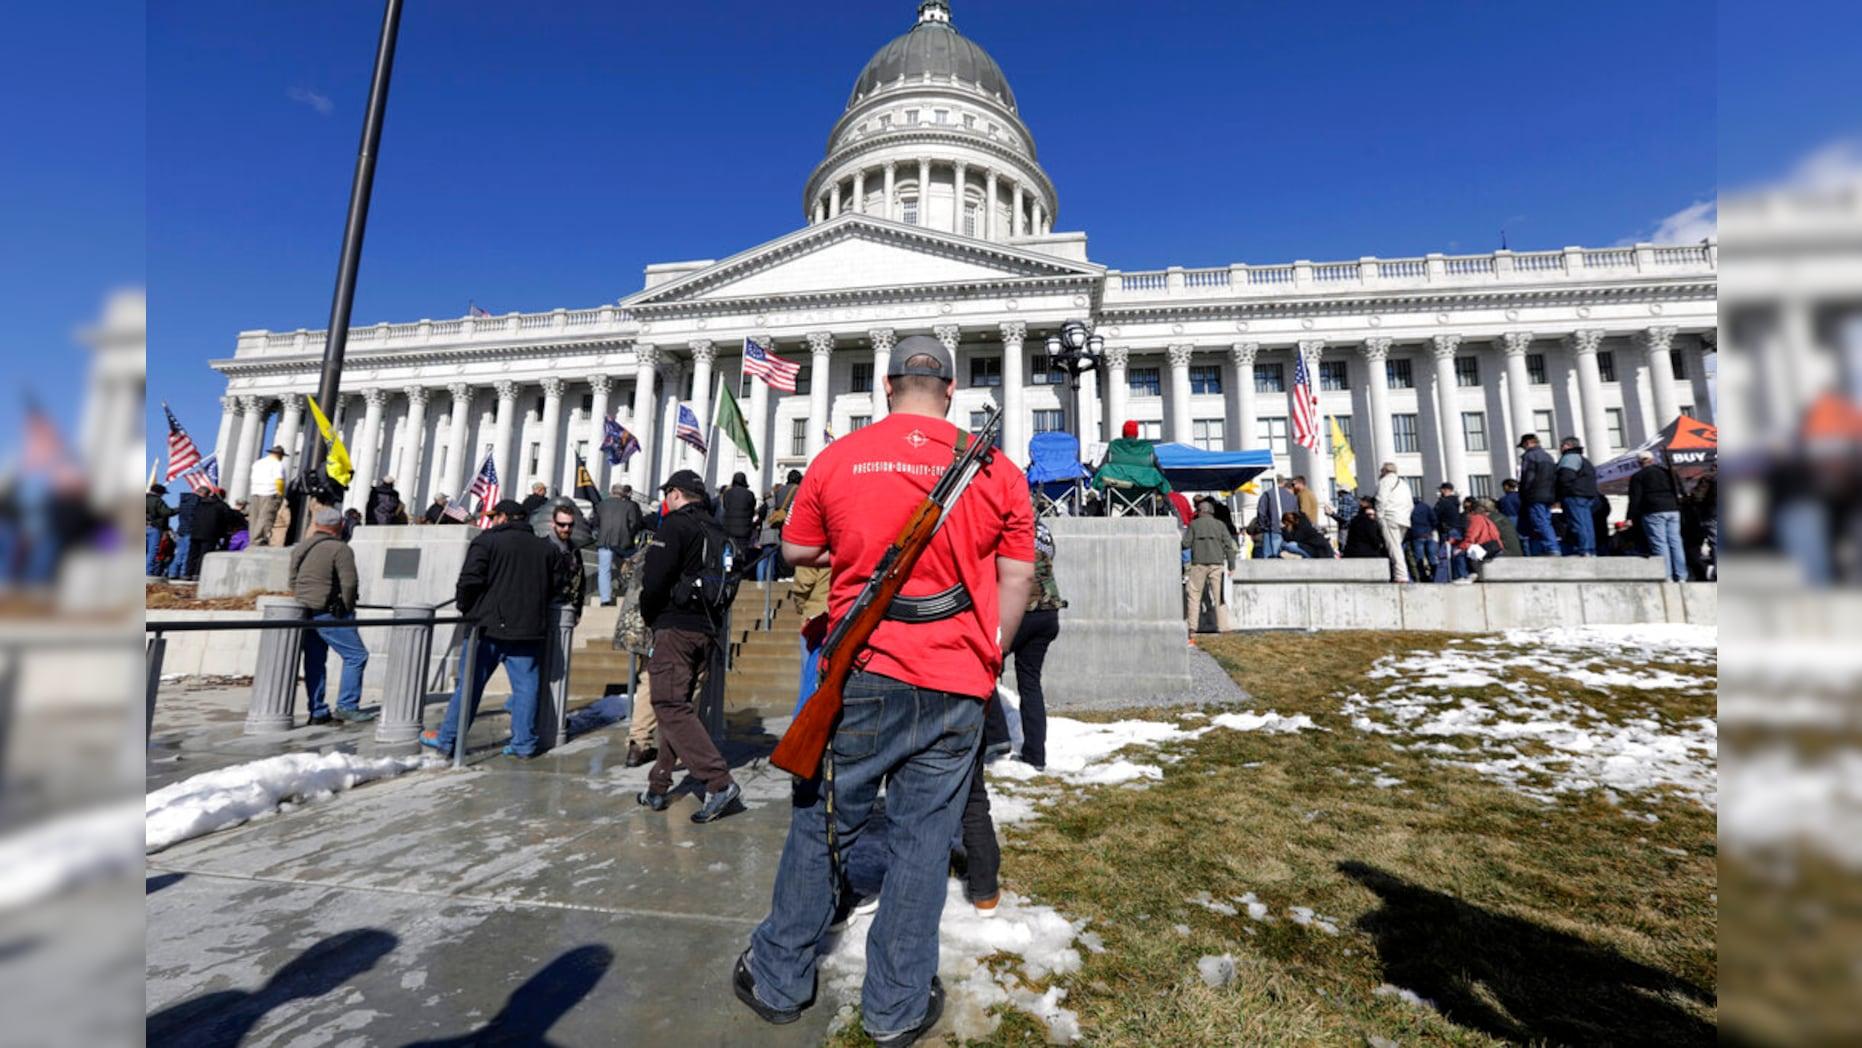 美国多州考虑放宽枪支限制 枪支管制倡导者:令人恐惧